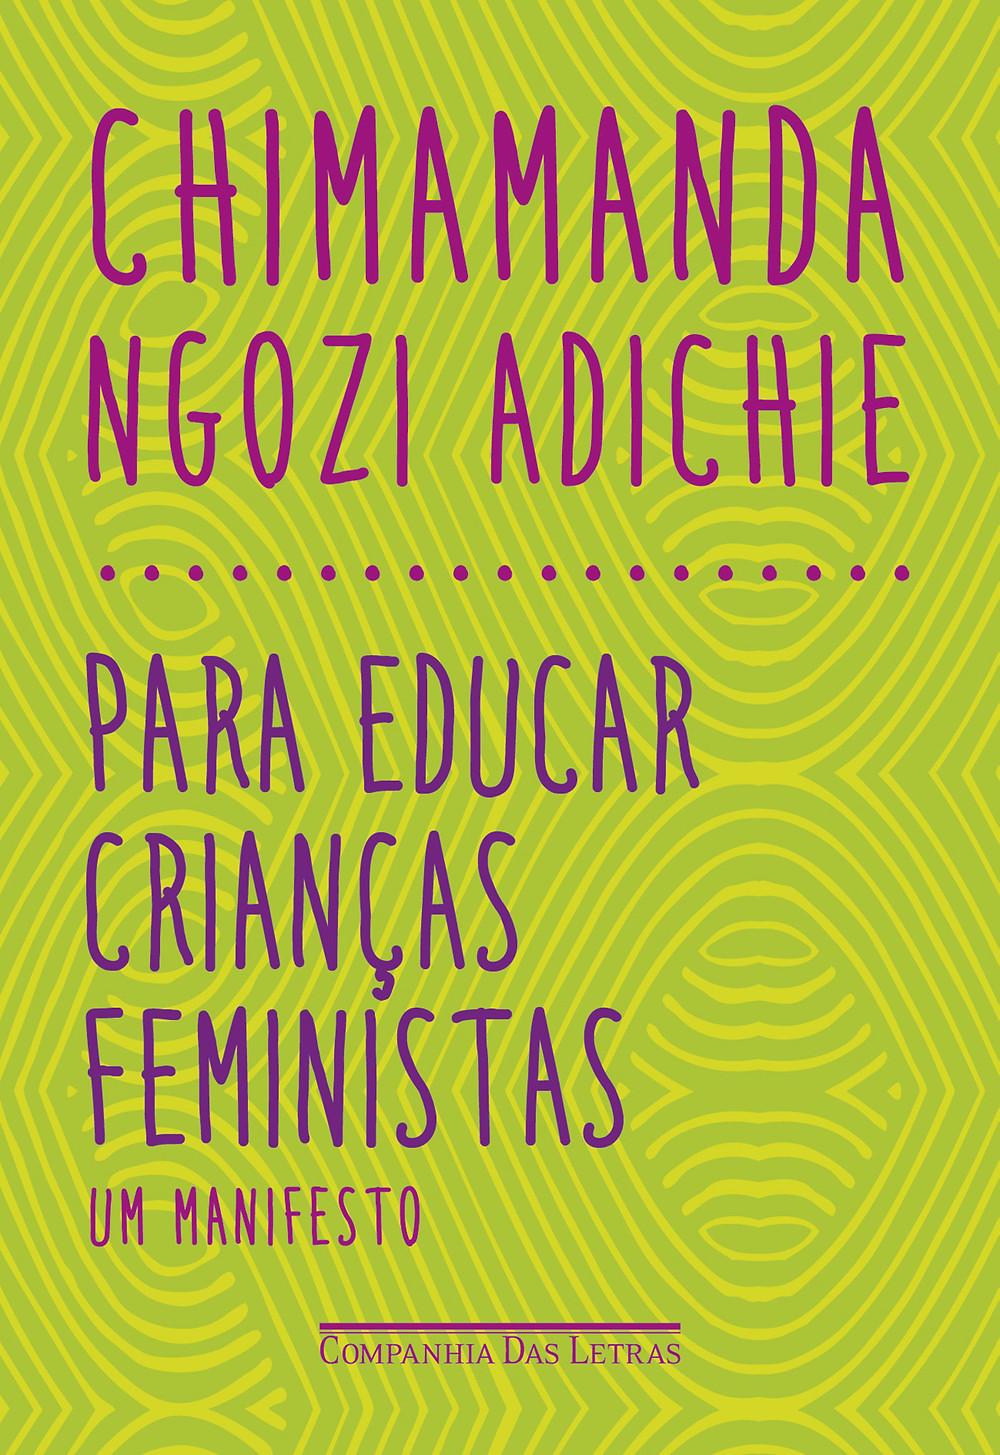 Para Educar Crianças Feministas de Chimamanda Ngozi Adichie